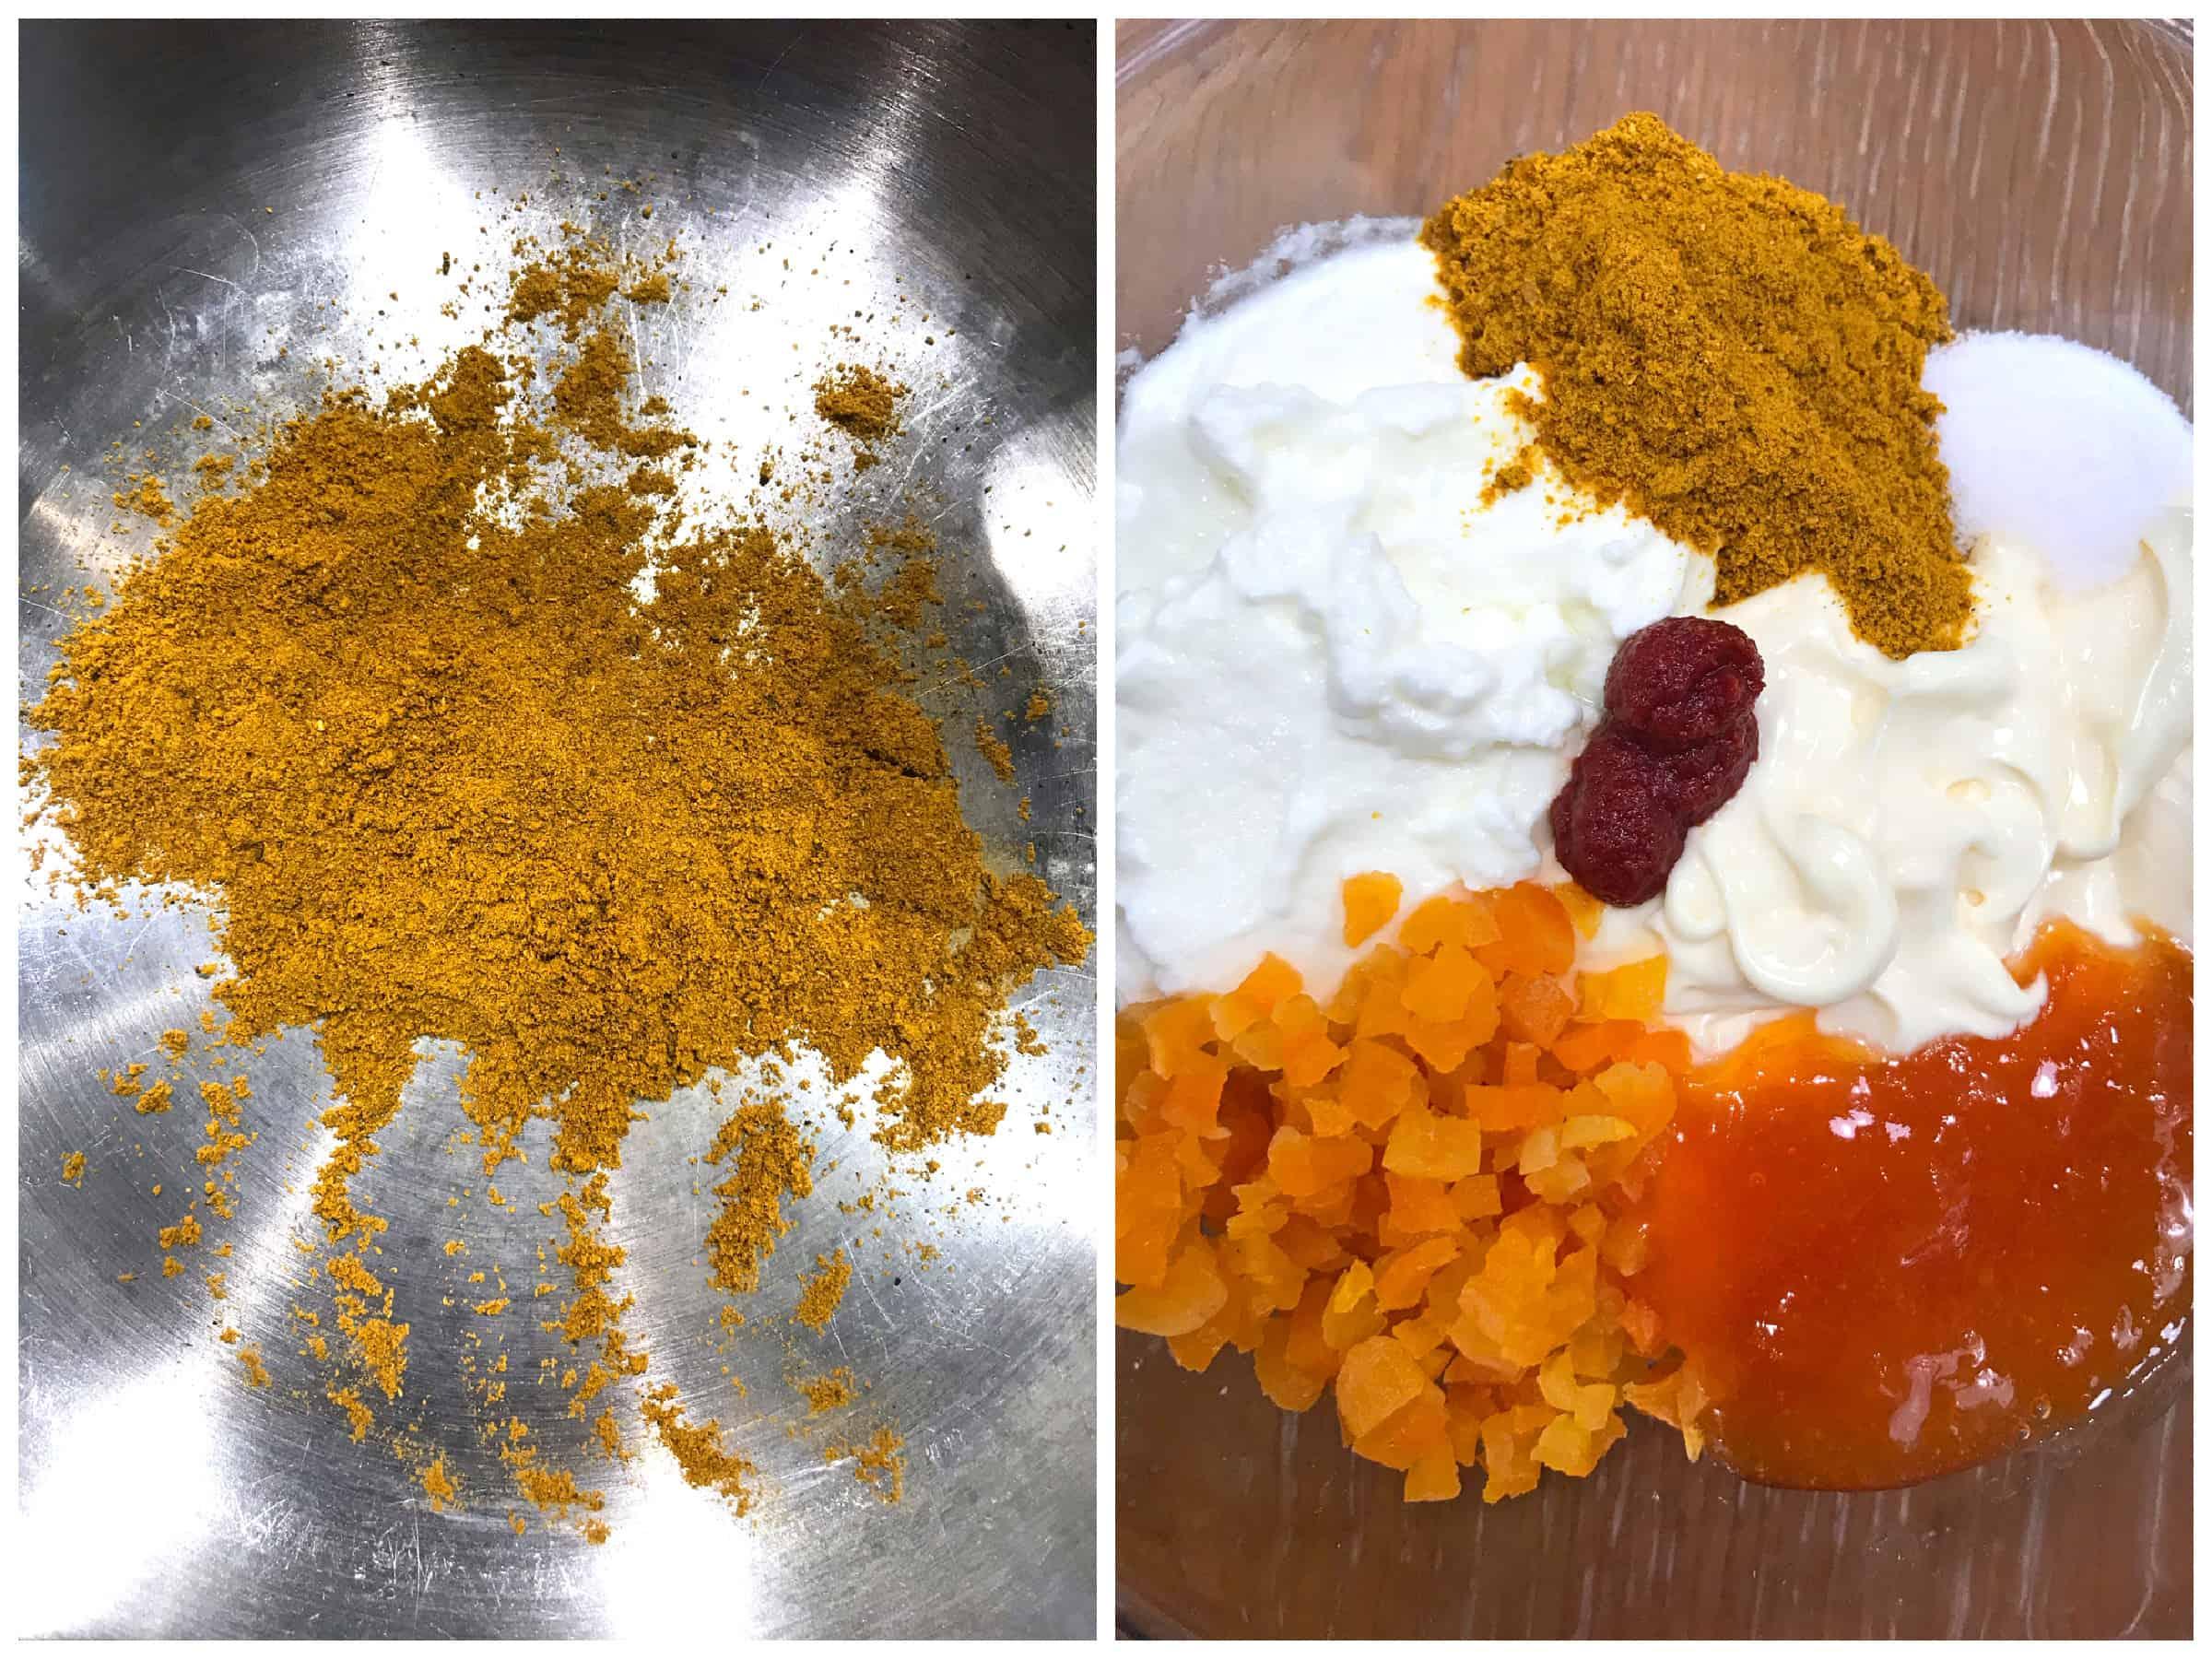 combining coronation chicken ingredients